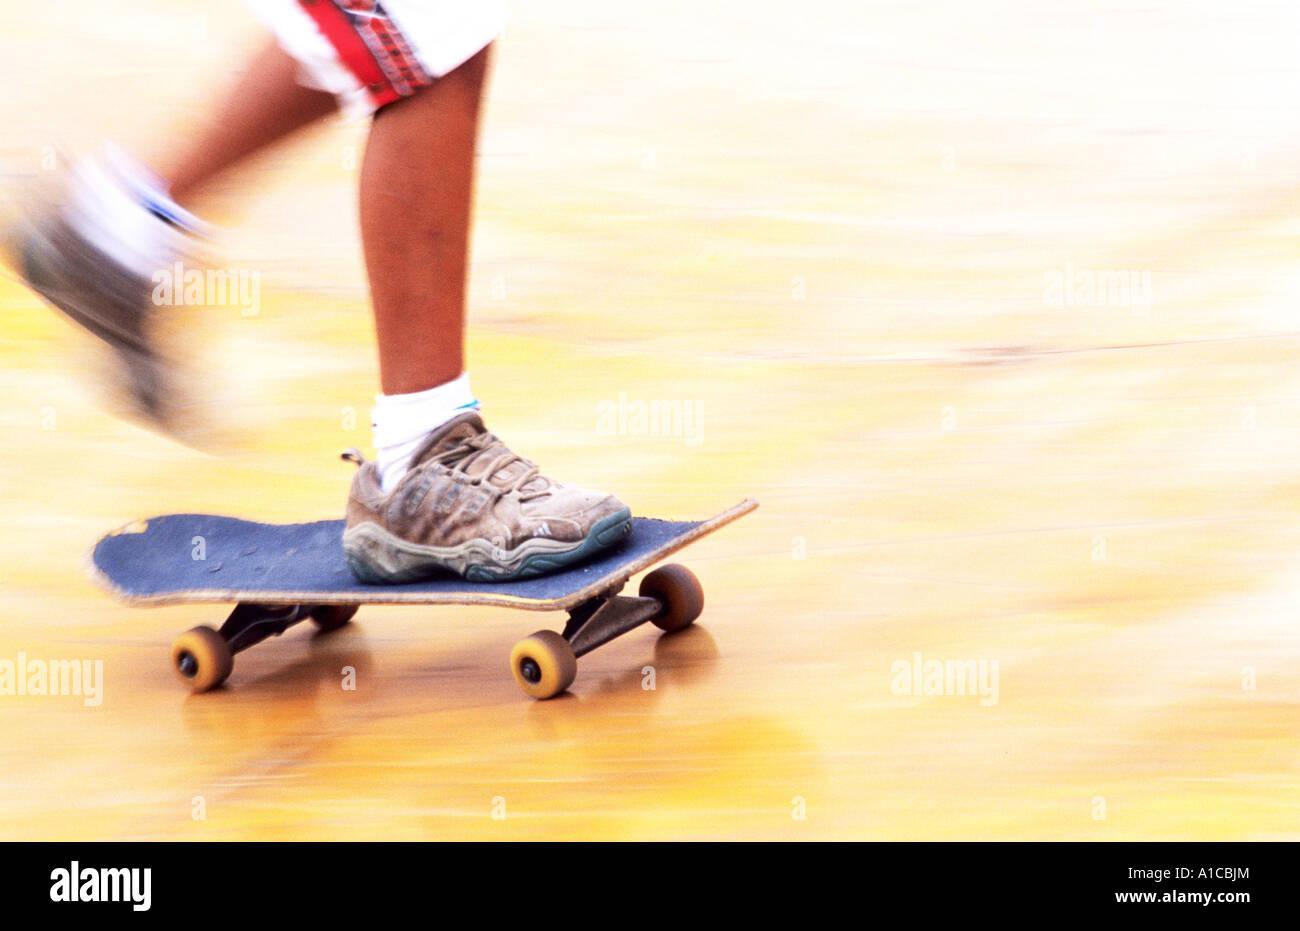 Ragazzo giovane skater skate skateboard rampa scheda di dettaglio Immagini Stock